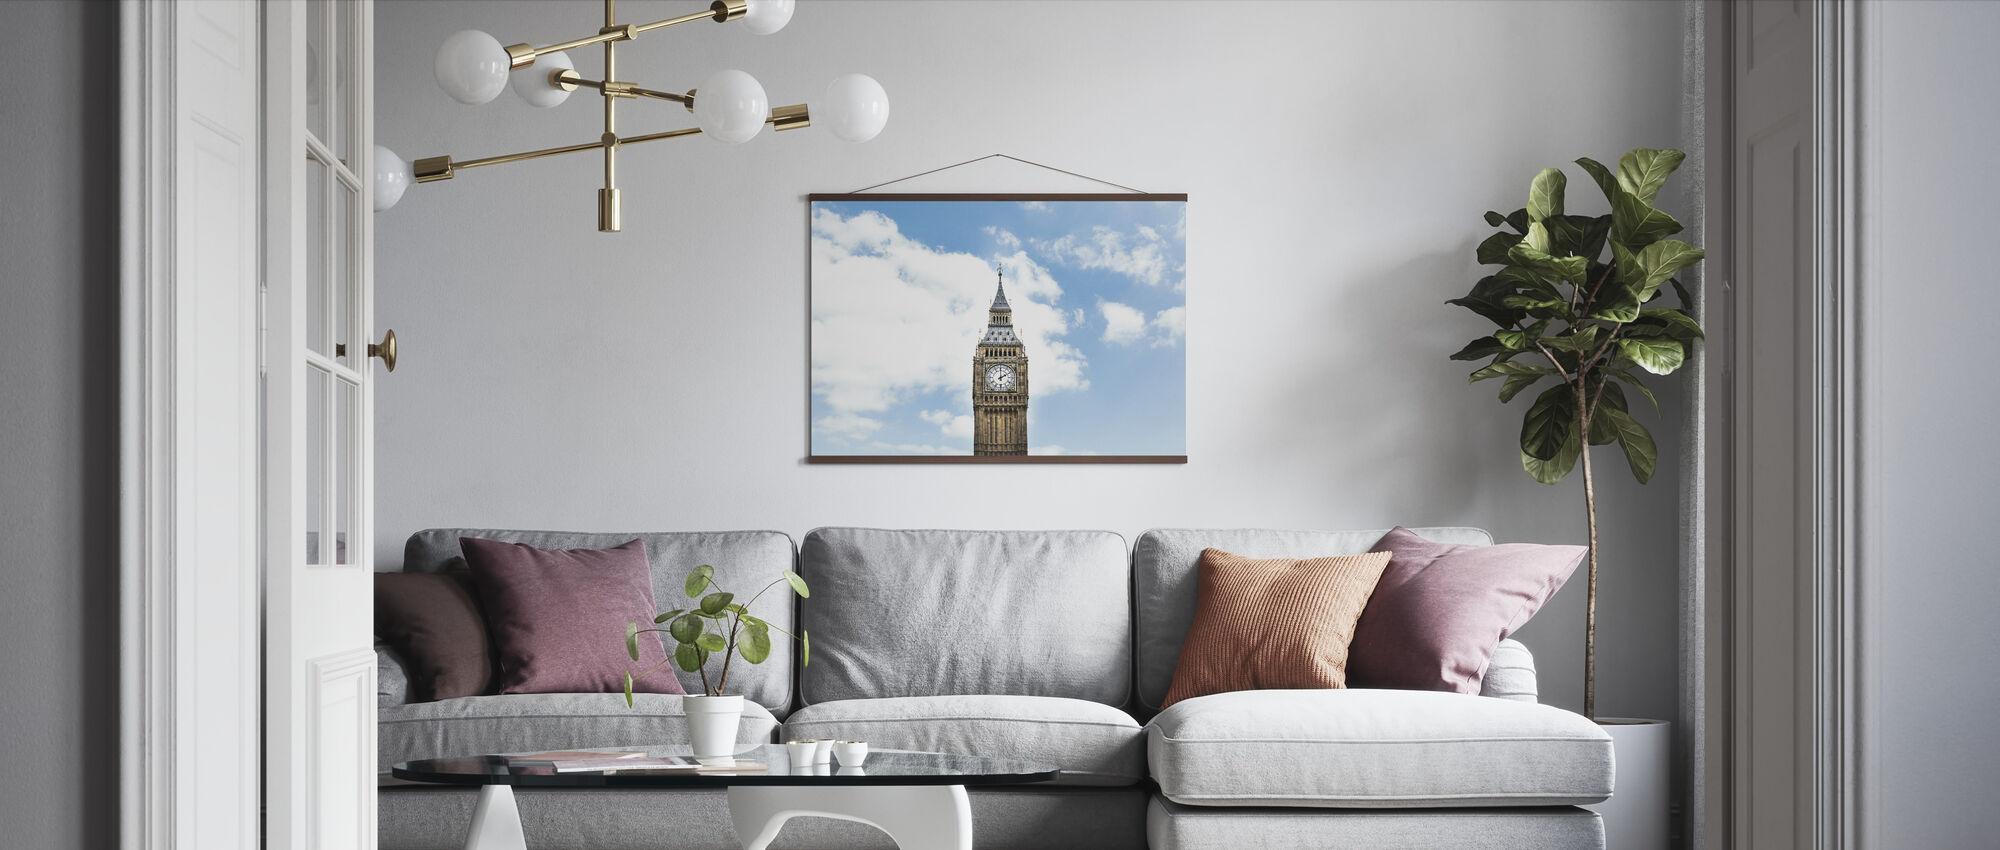 Big Ben - Poster - Living Room